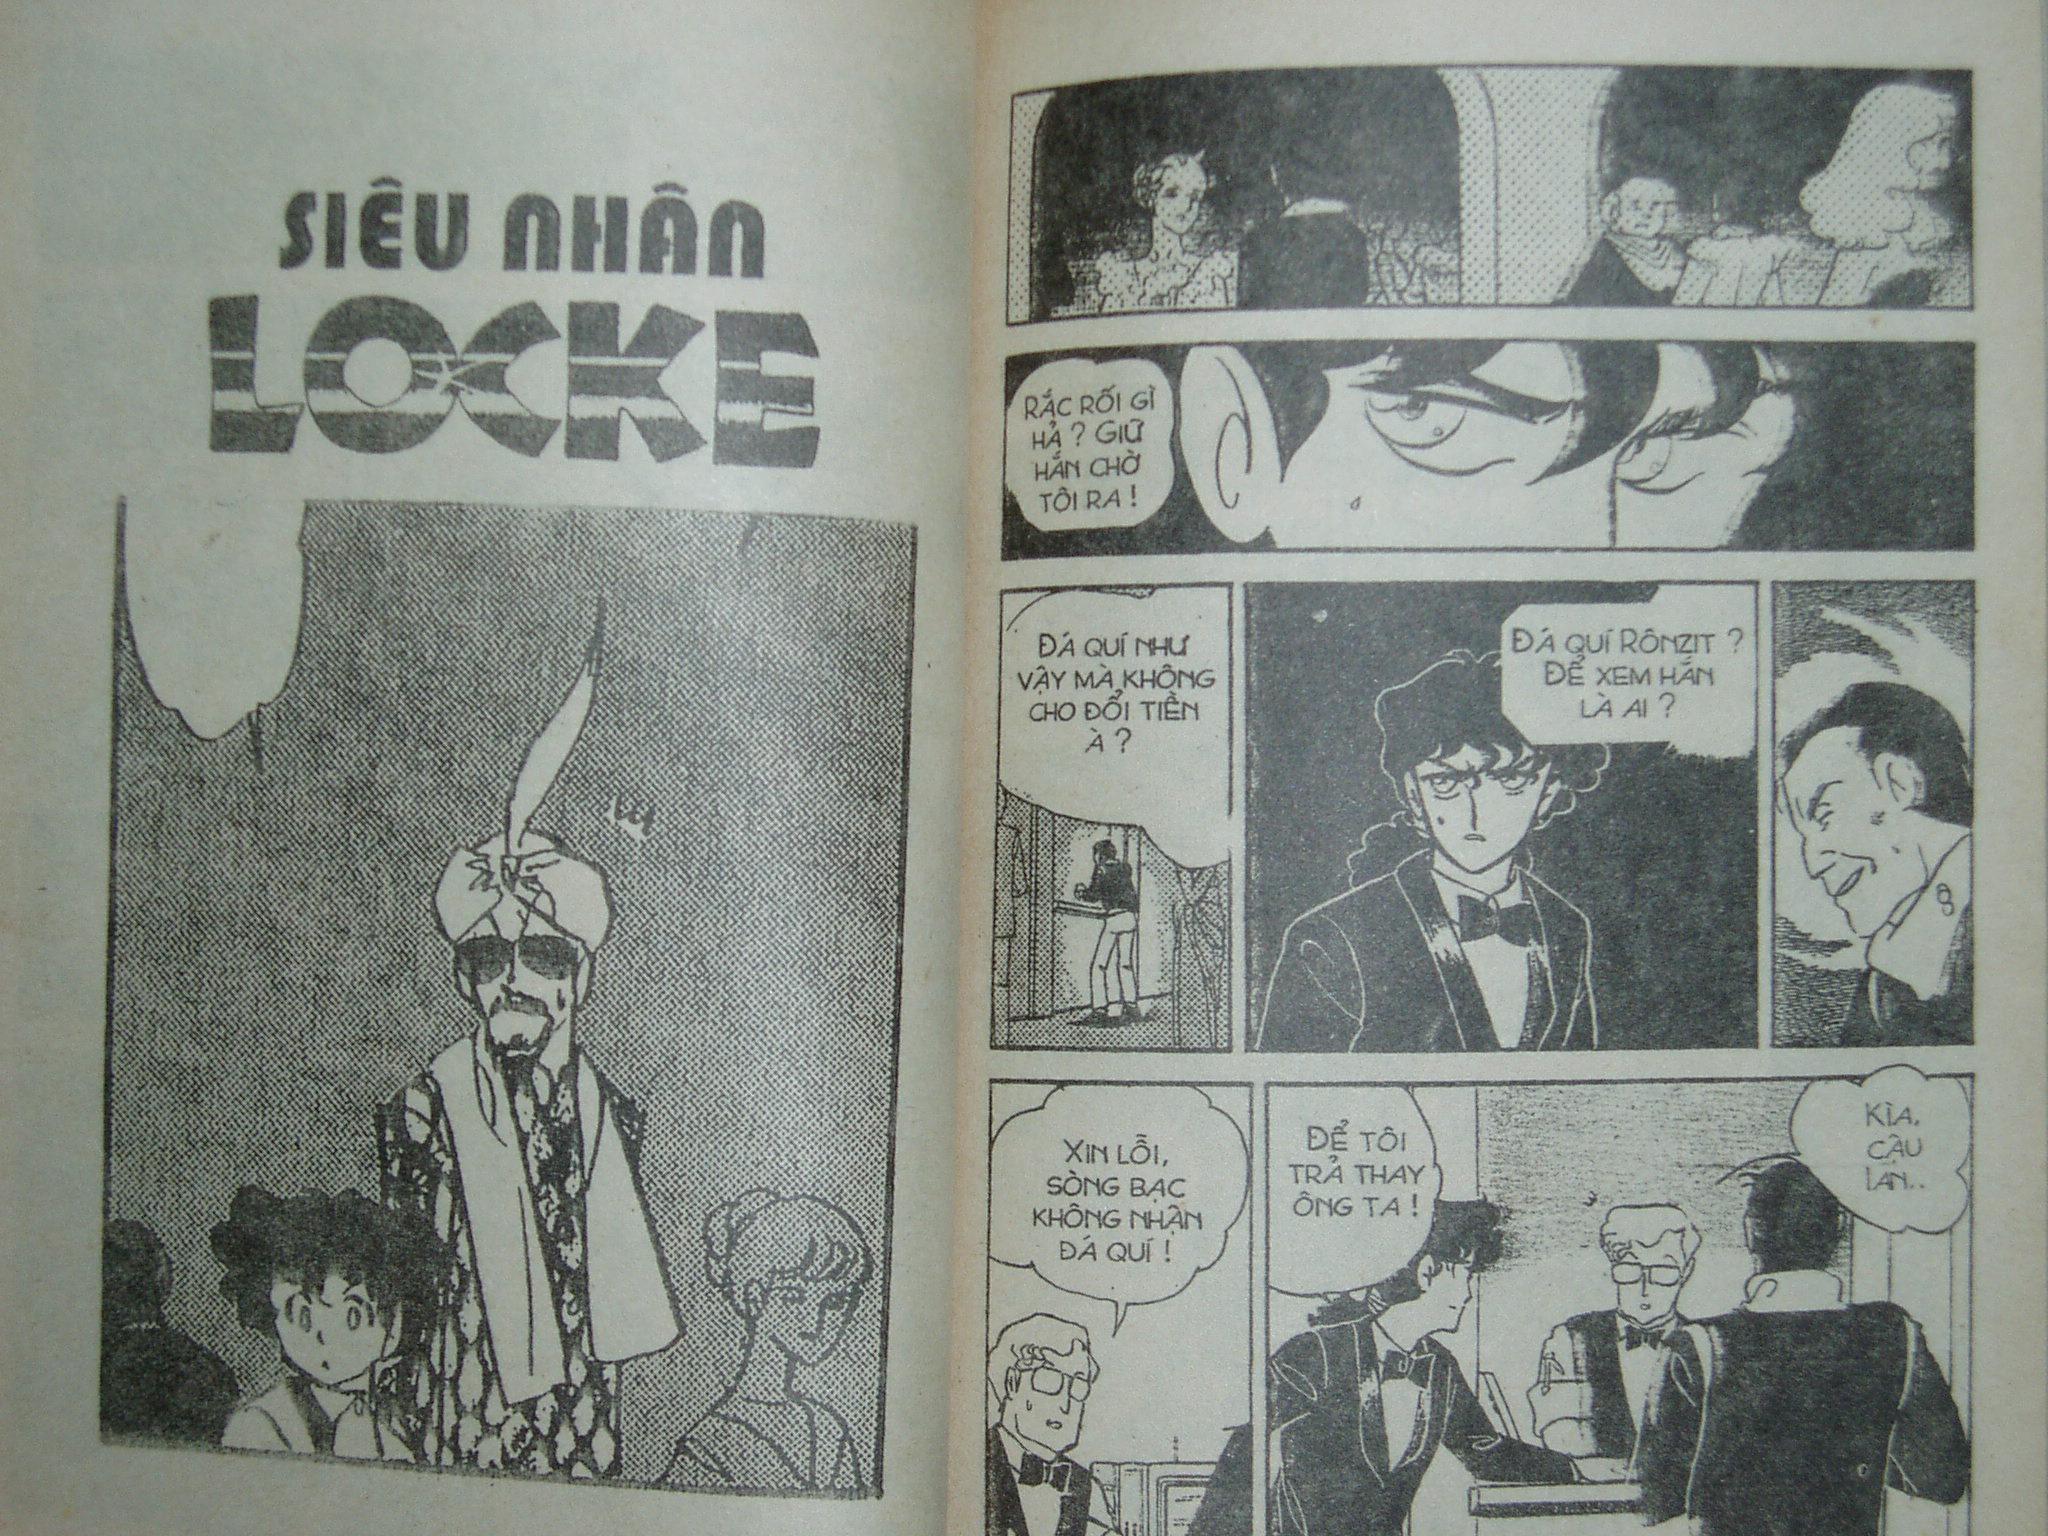 Siêu nhân Locke vol 14 trang 38